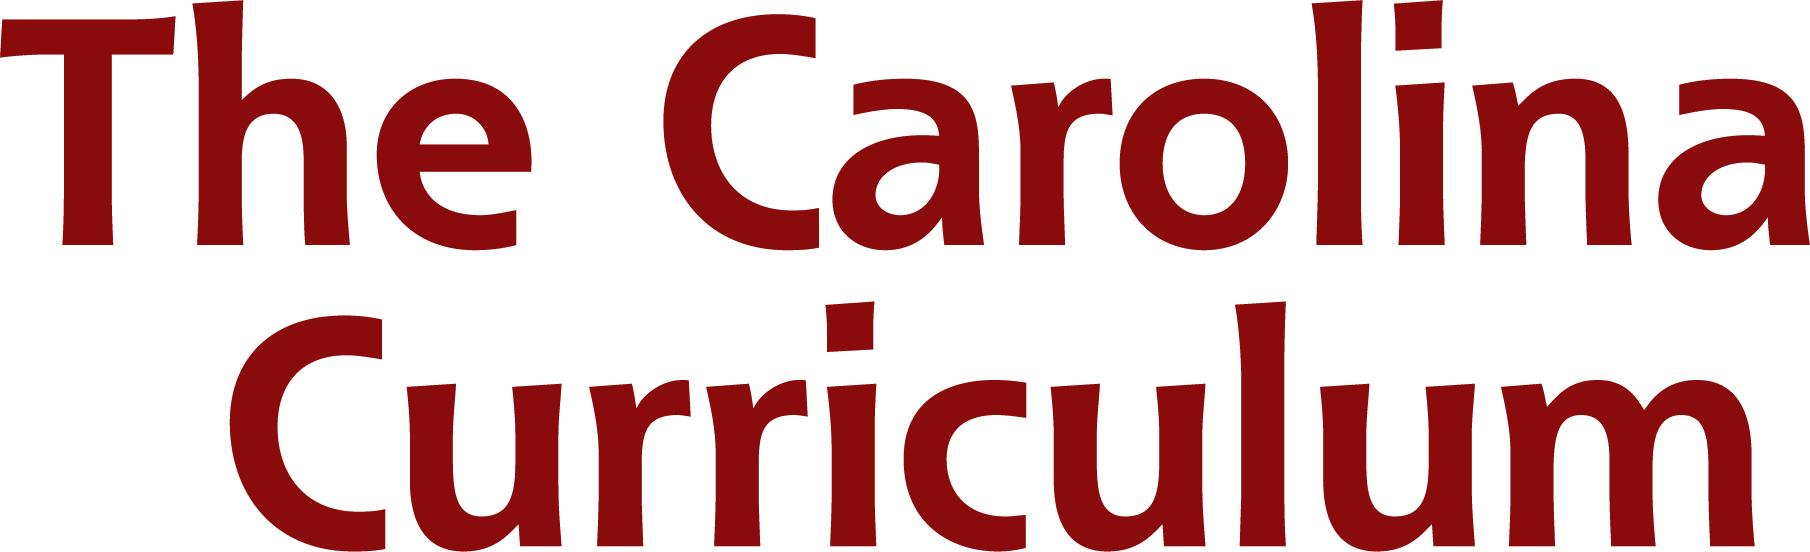 The Carolina Curriculum Seminar